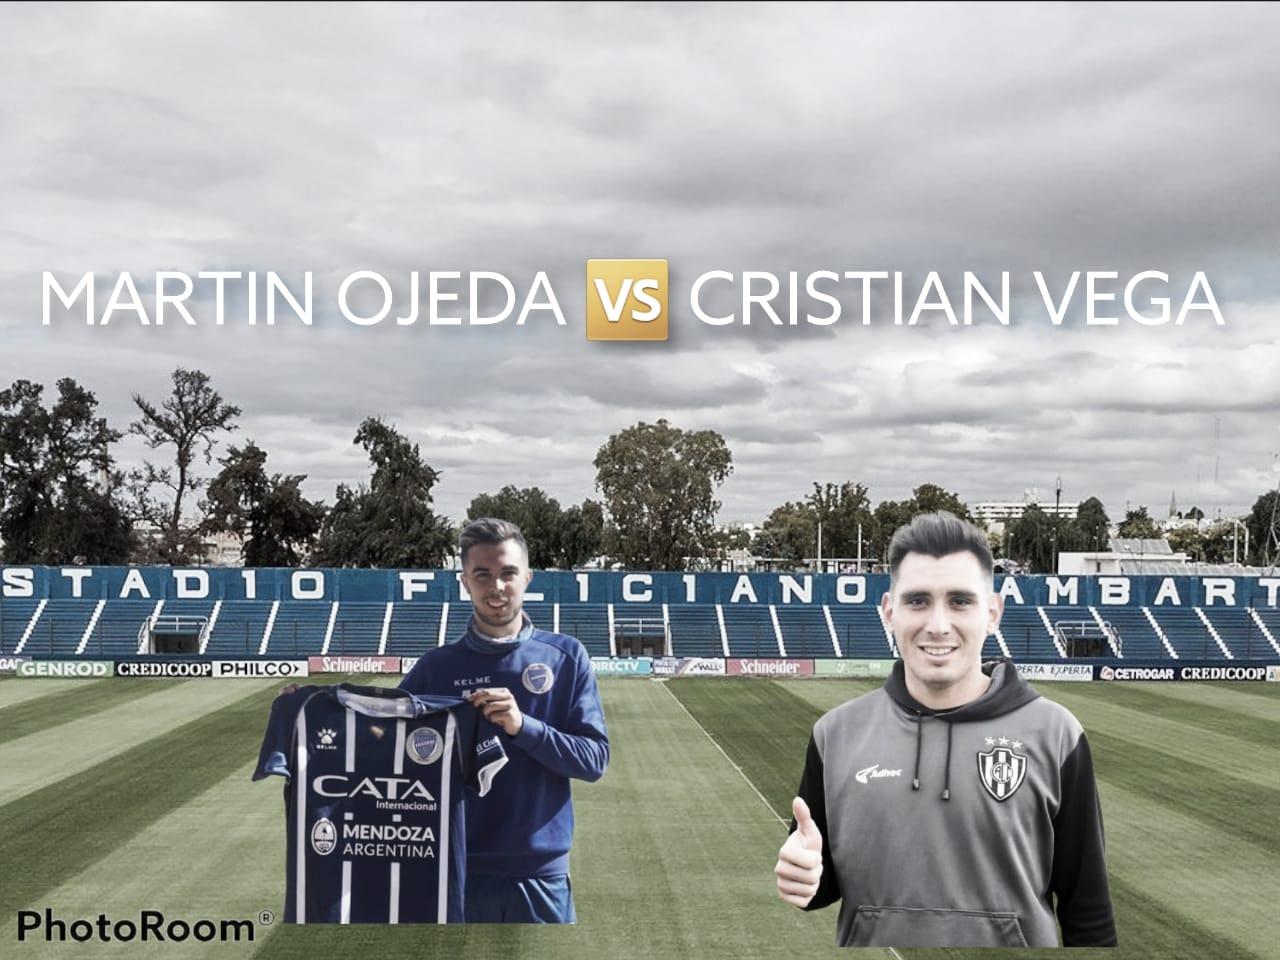 Martín Ojeda vs Cristian Vega: Puntos de campeonato